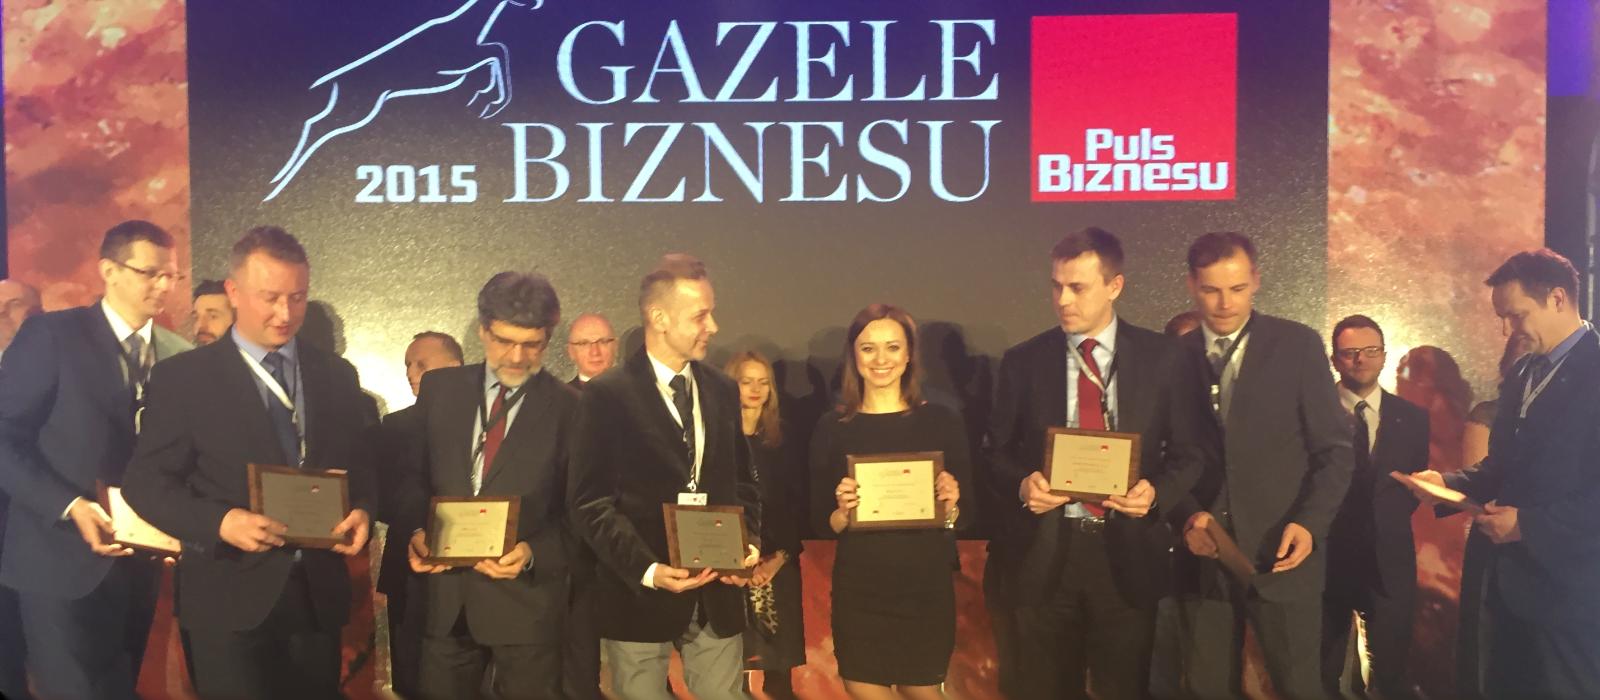 Gazele Biznesu 2015_2